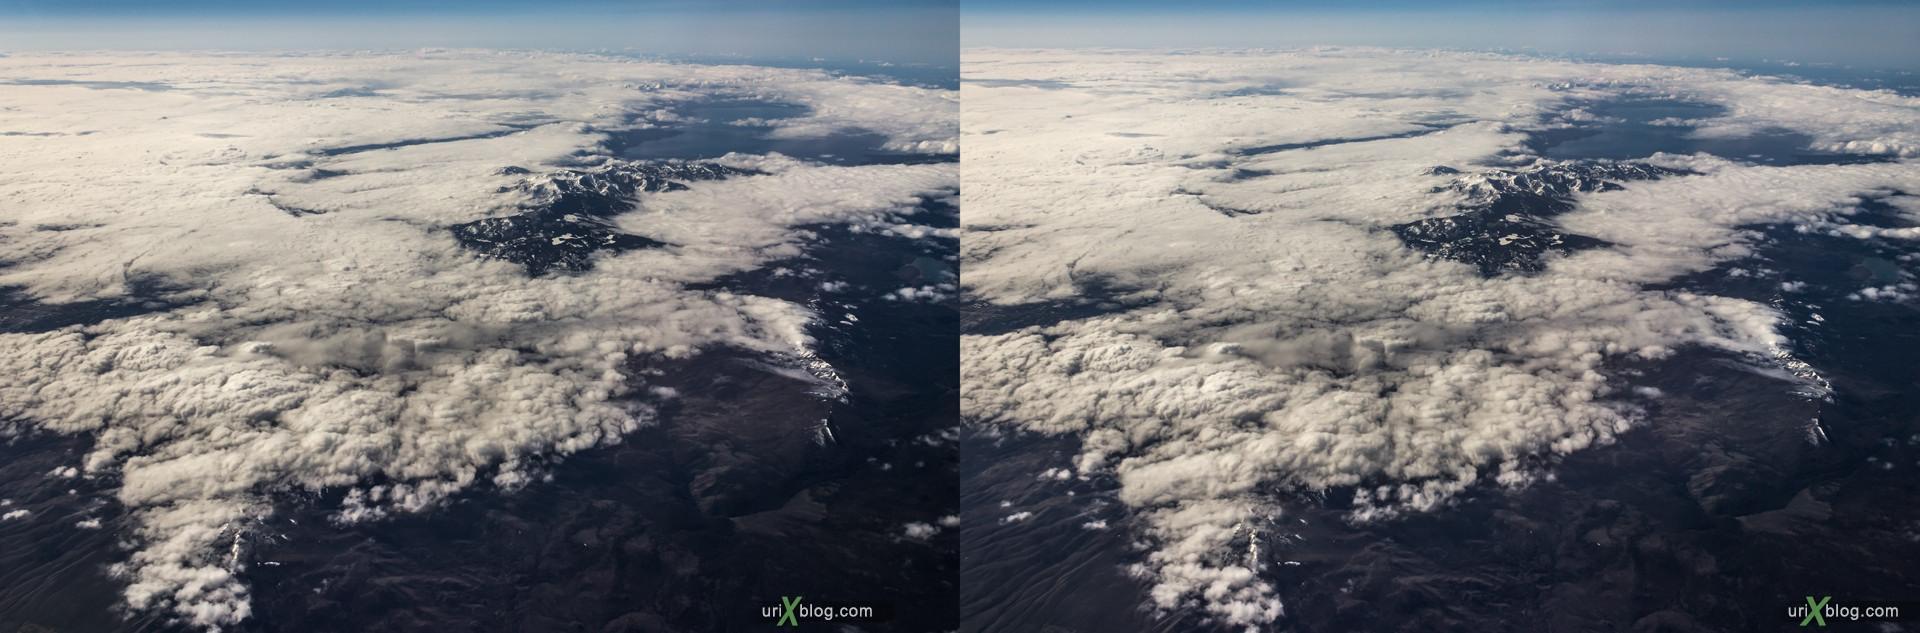 2013, штат Калифорния, Скалистые горы, США, горы, облака, снег, панорама, самолёт, чёрно-белое, чб, 3D, перекрёстные стереопары, стерео, стереопара, стереопары